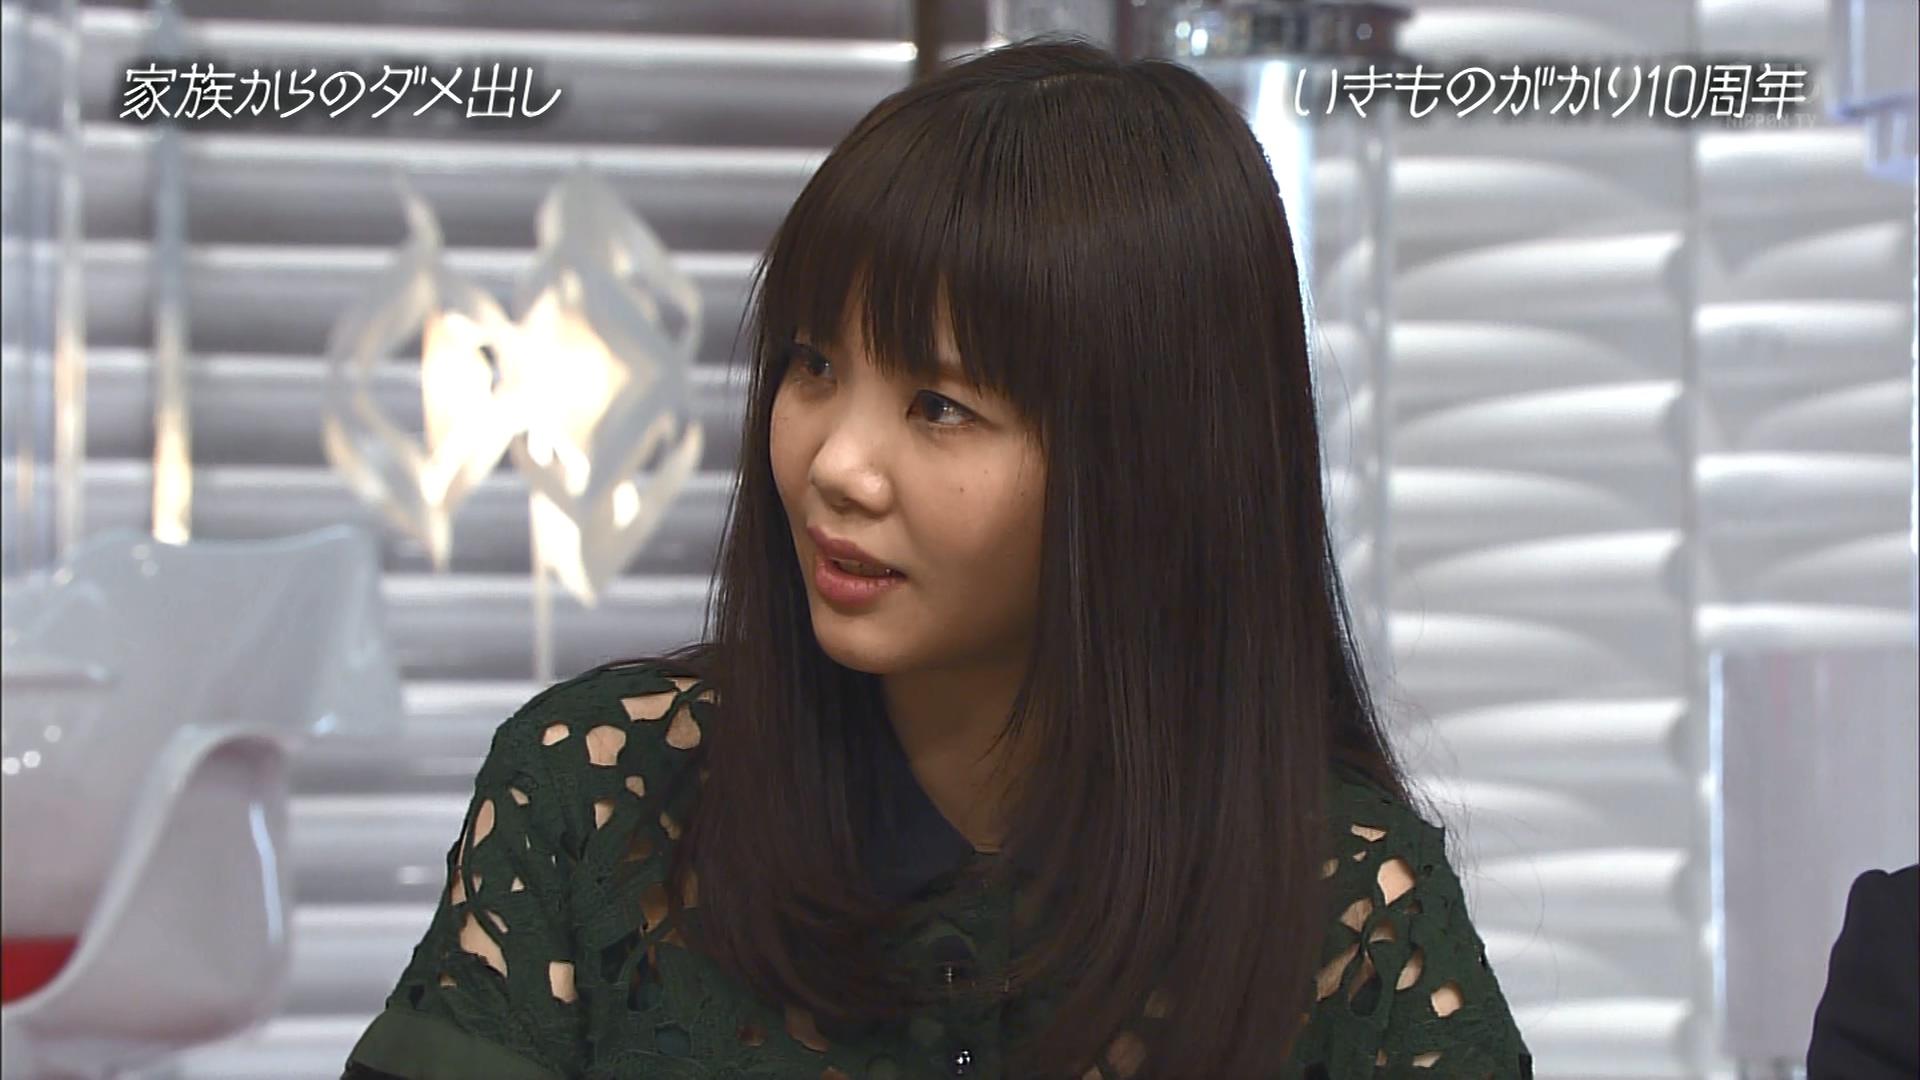 2016.03.13 全場(おしゃれイズム).ts_20160313_233450.919